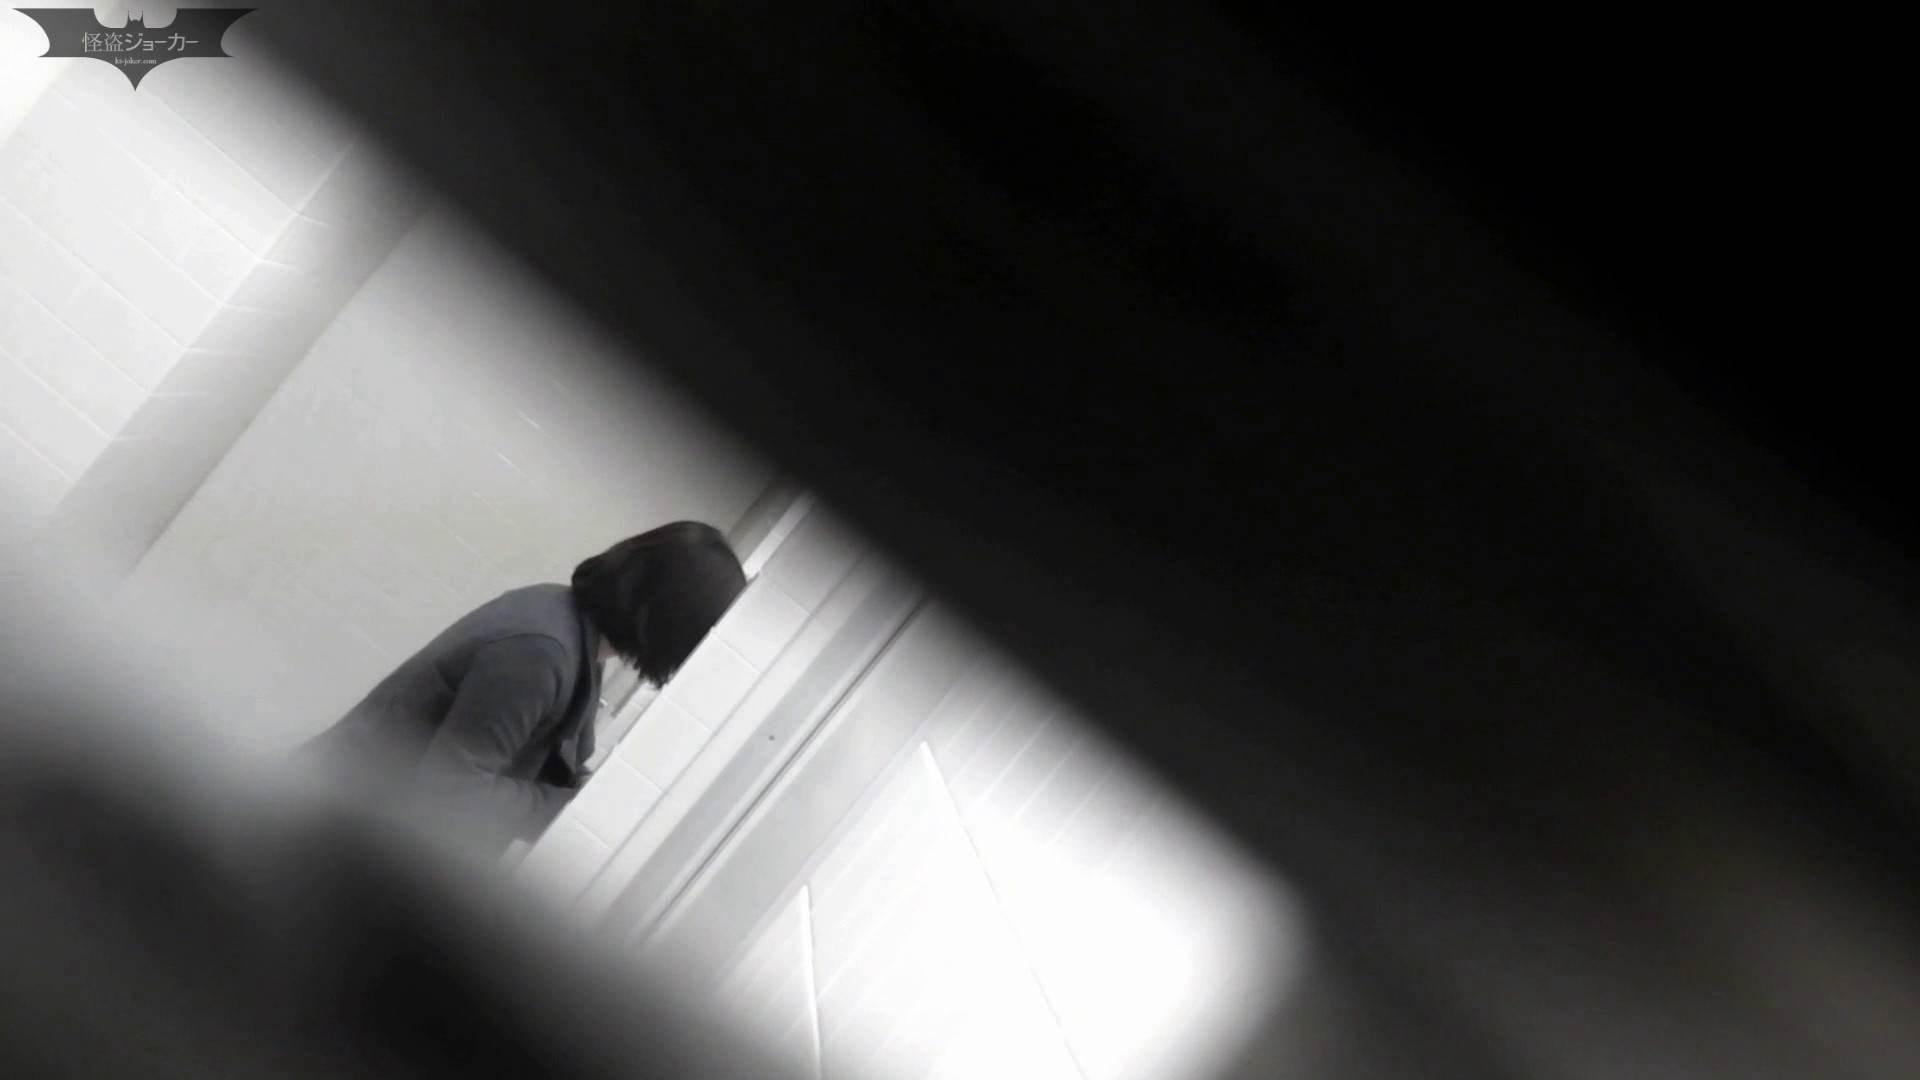 エッチ 熟女|「洗面所突入レポート!!」vol.56まず並ぶ所から!決して真似しないでください|怪盗ジョーカー